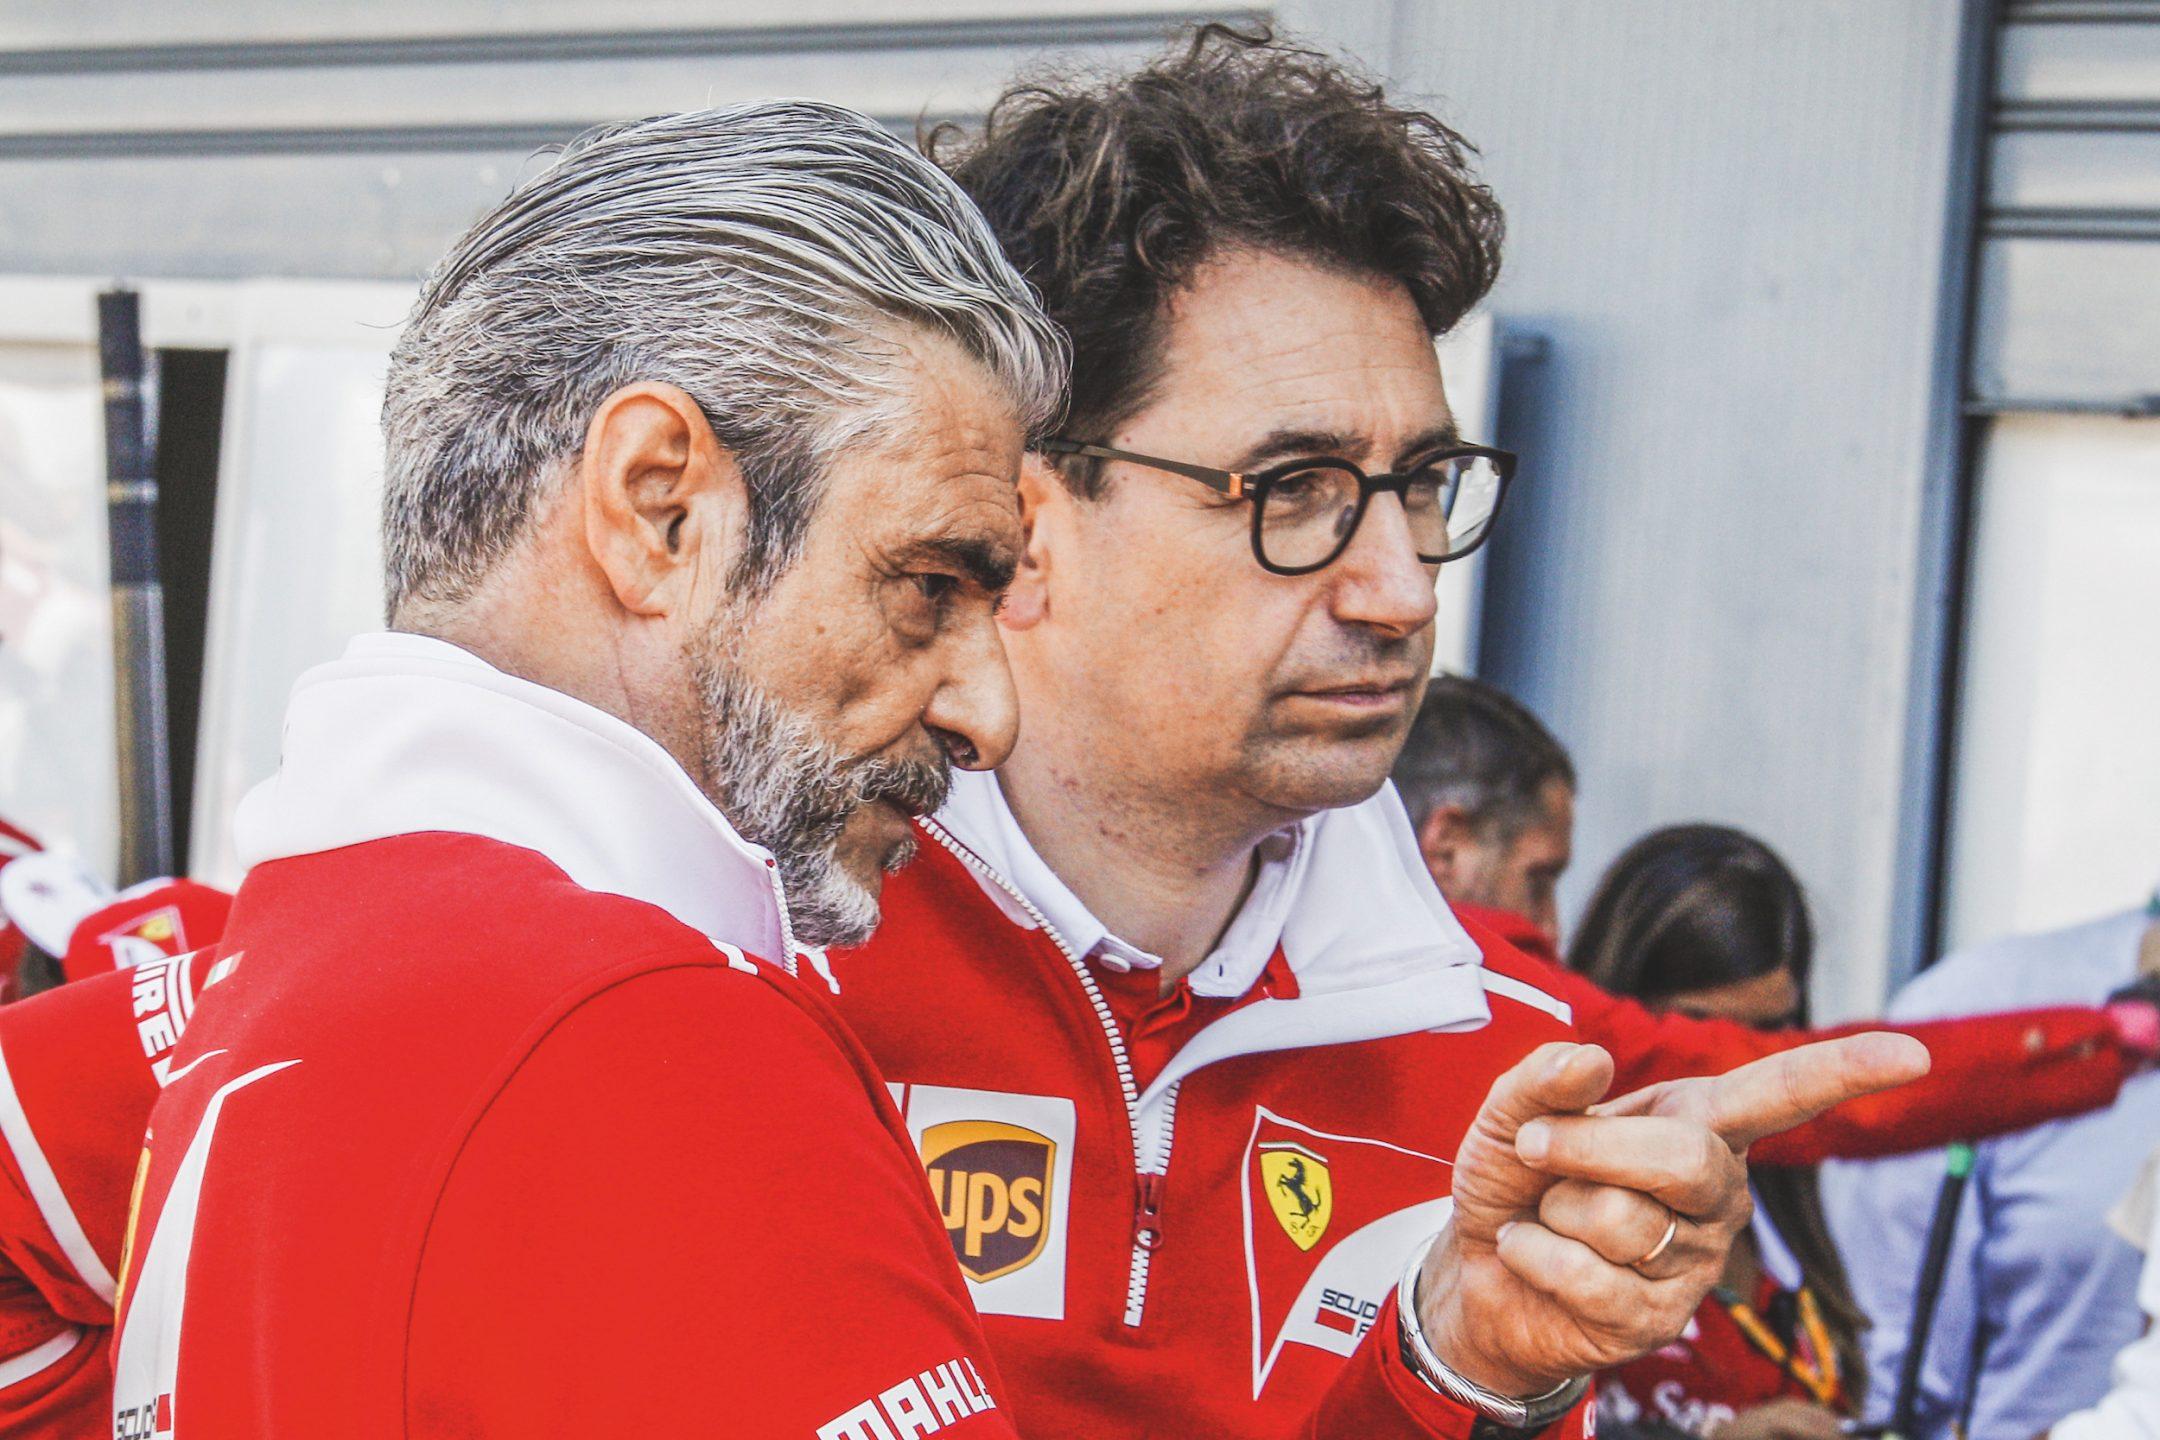 Chi è Mattia Binotto, l'uomo scelto da Marchionne per guidare la Ferrari